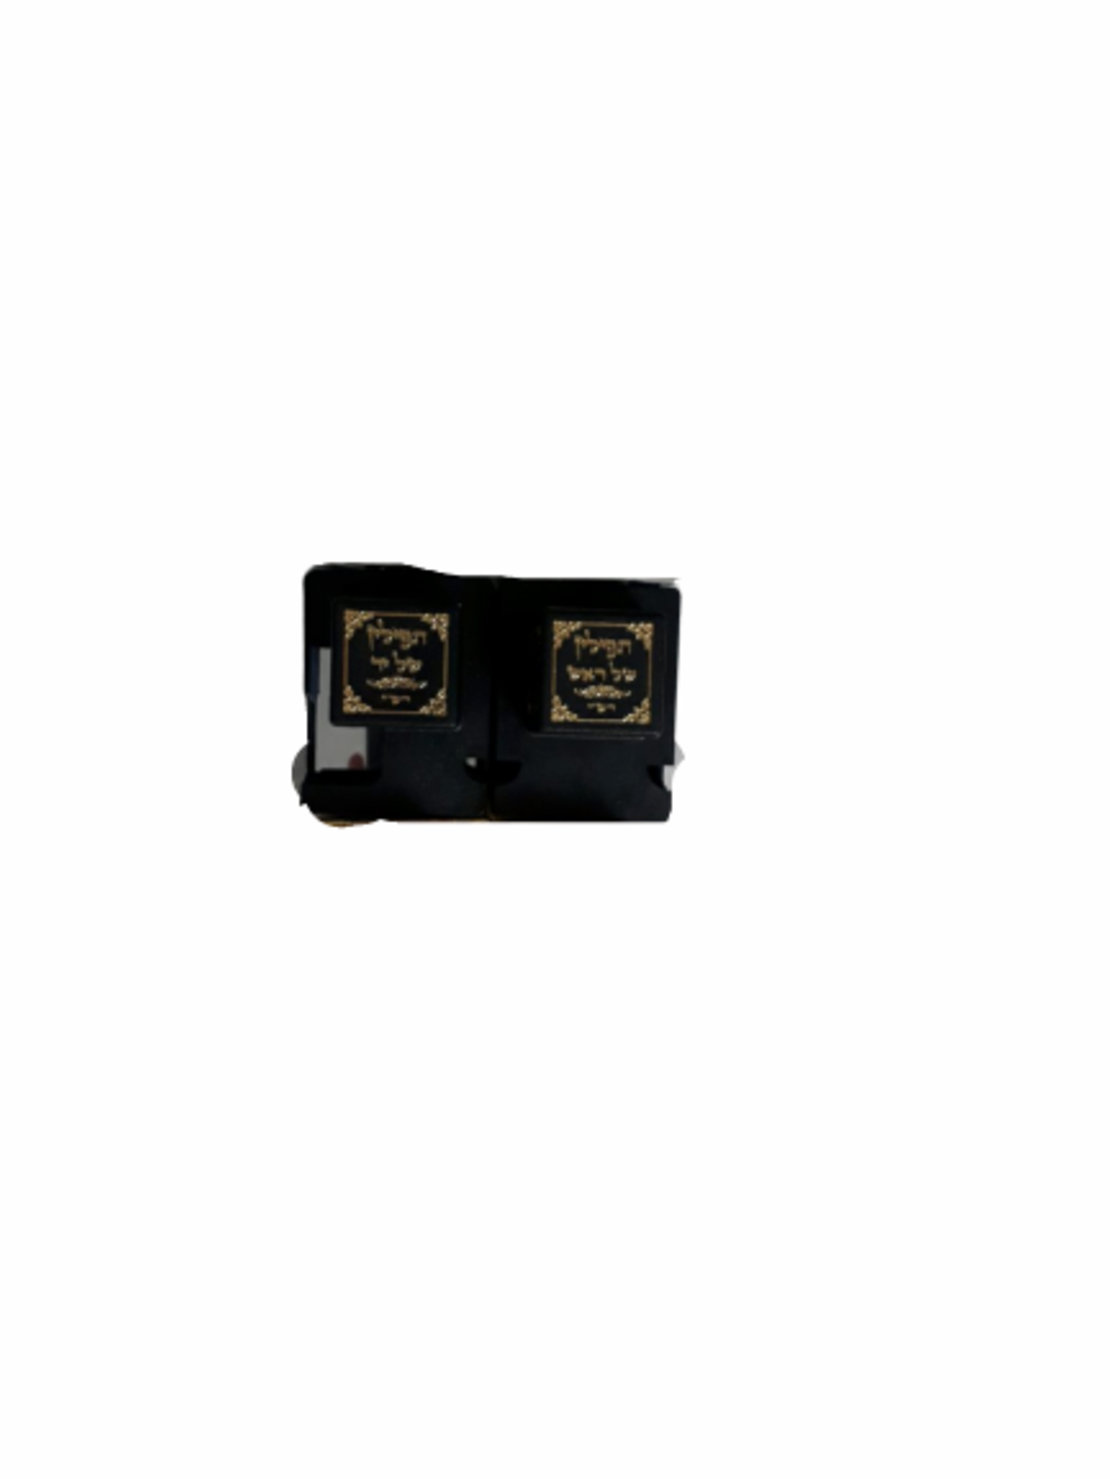 בית תפילין שחור עם עיטורי זהב